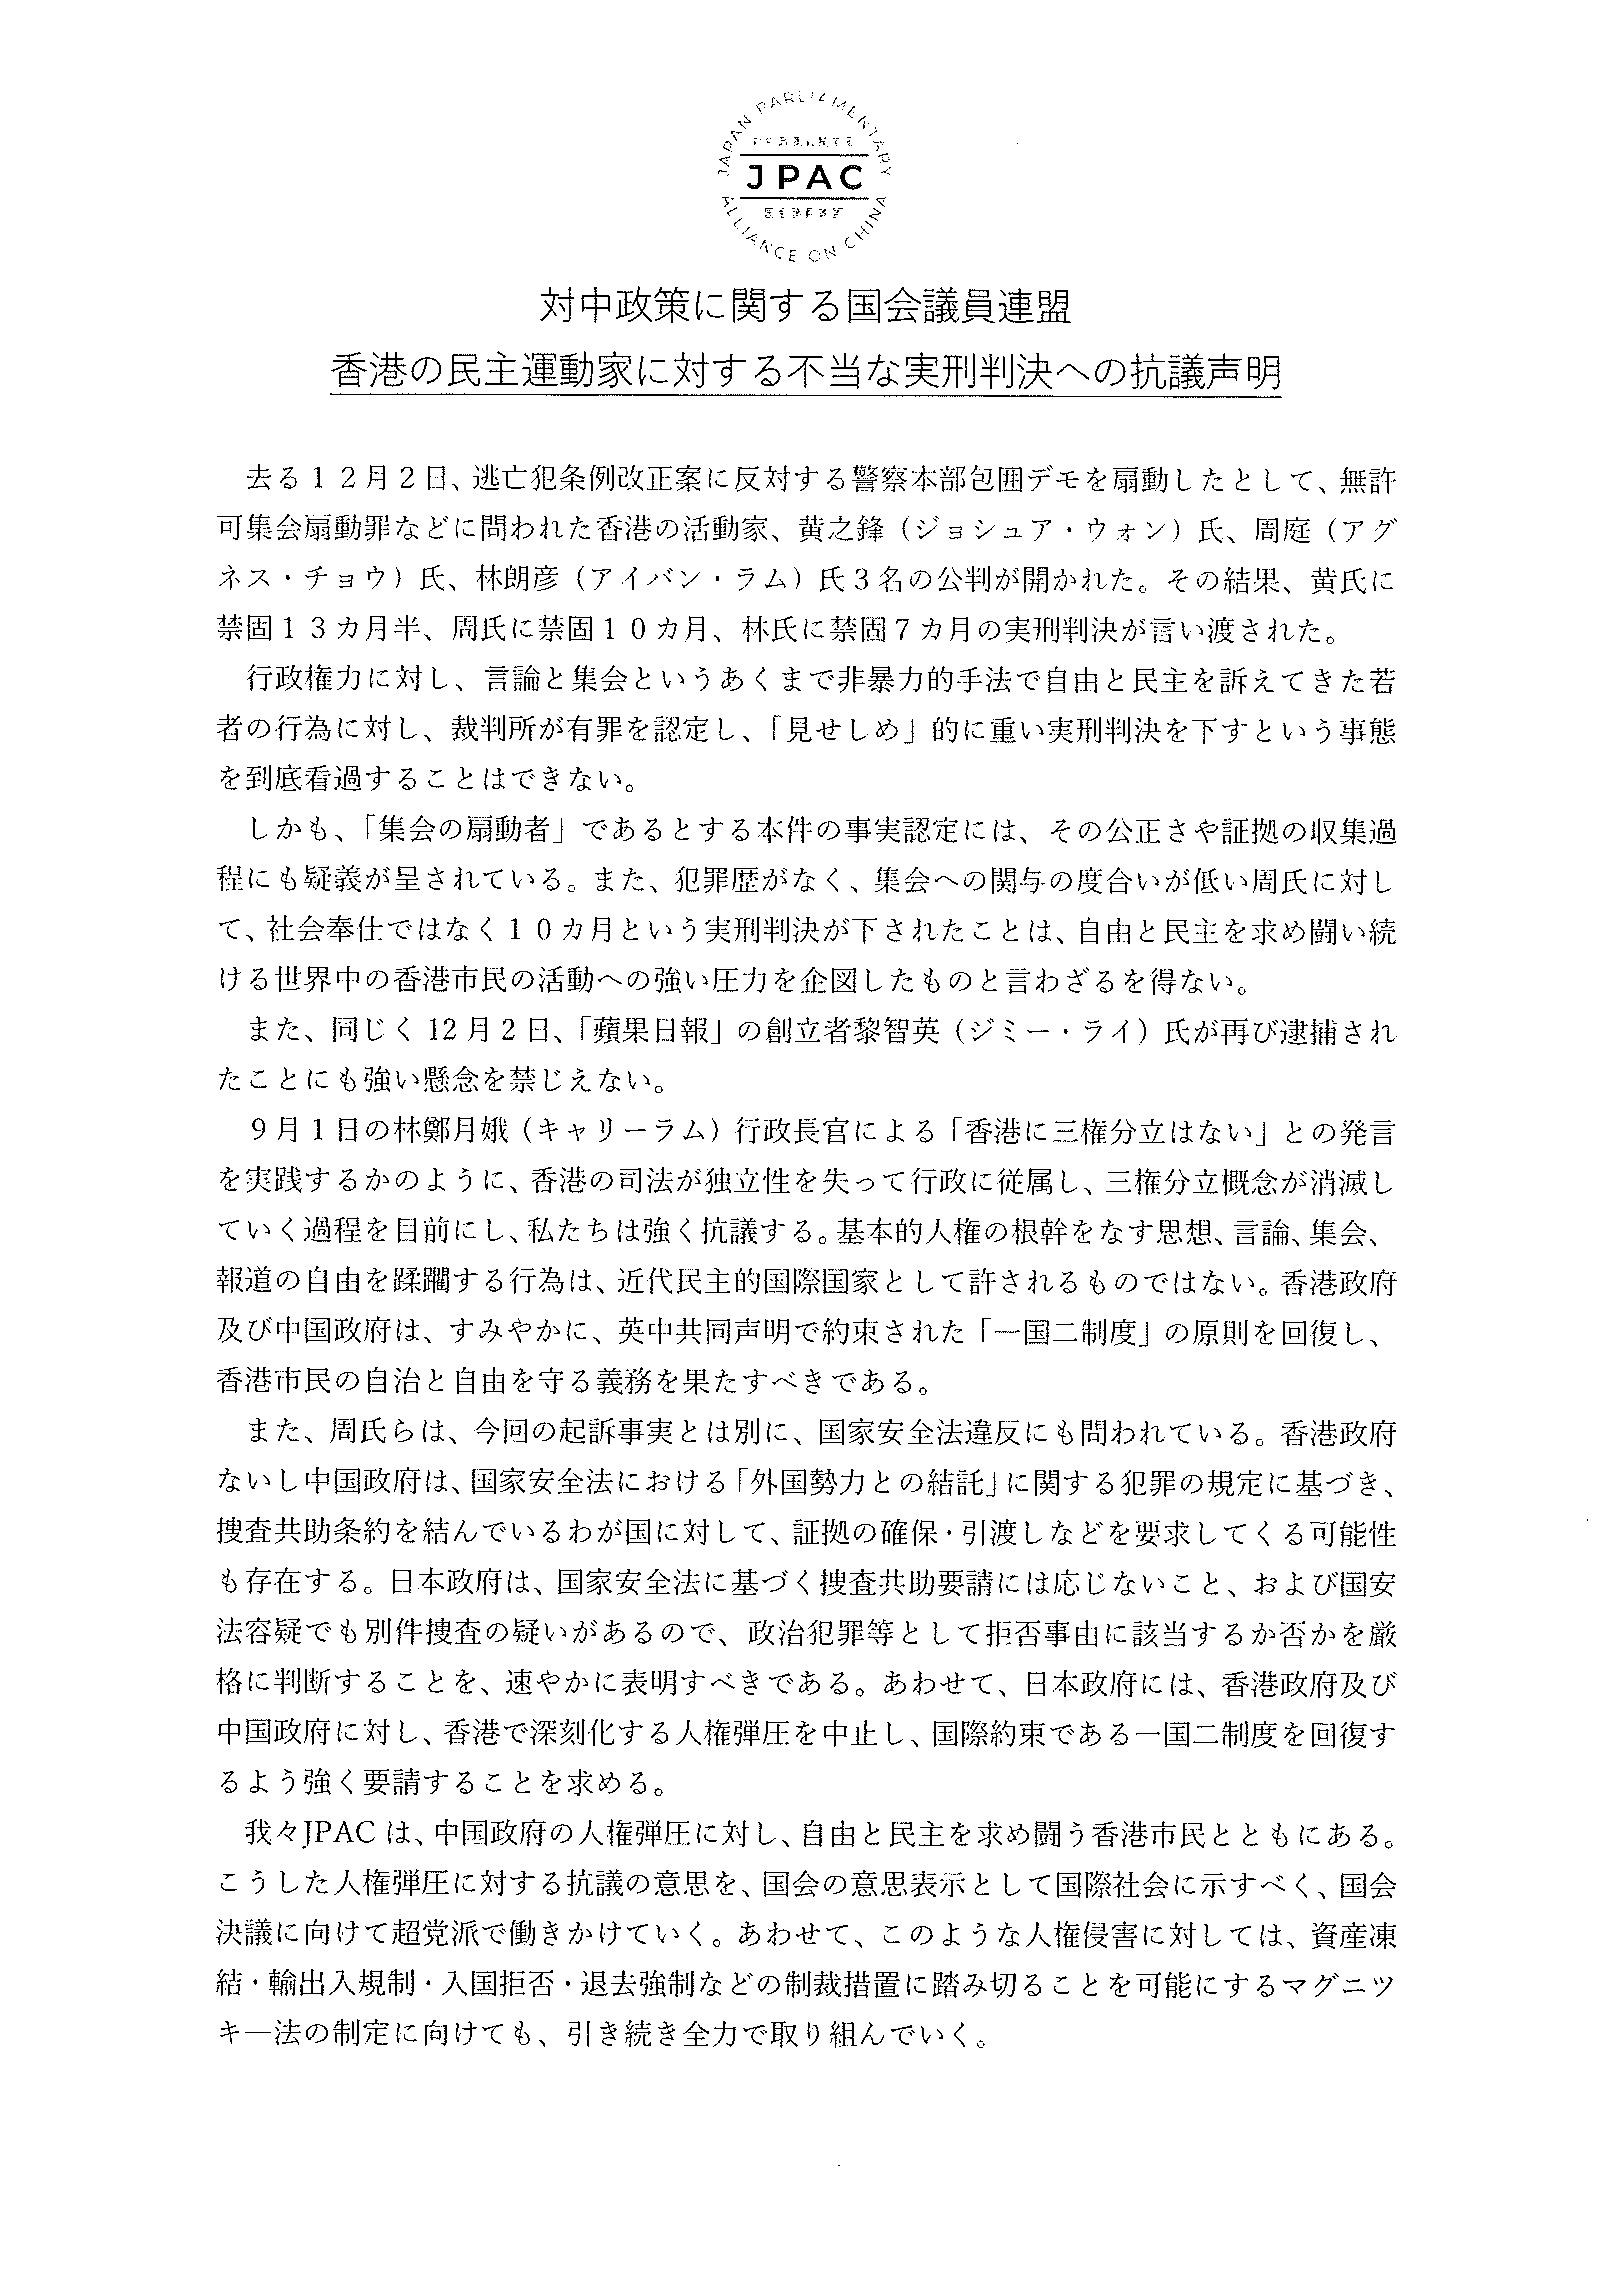 201210JPAC要望書